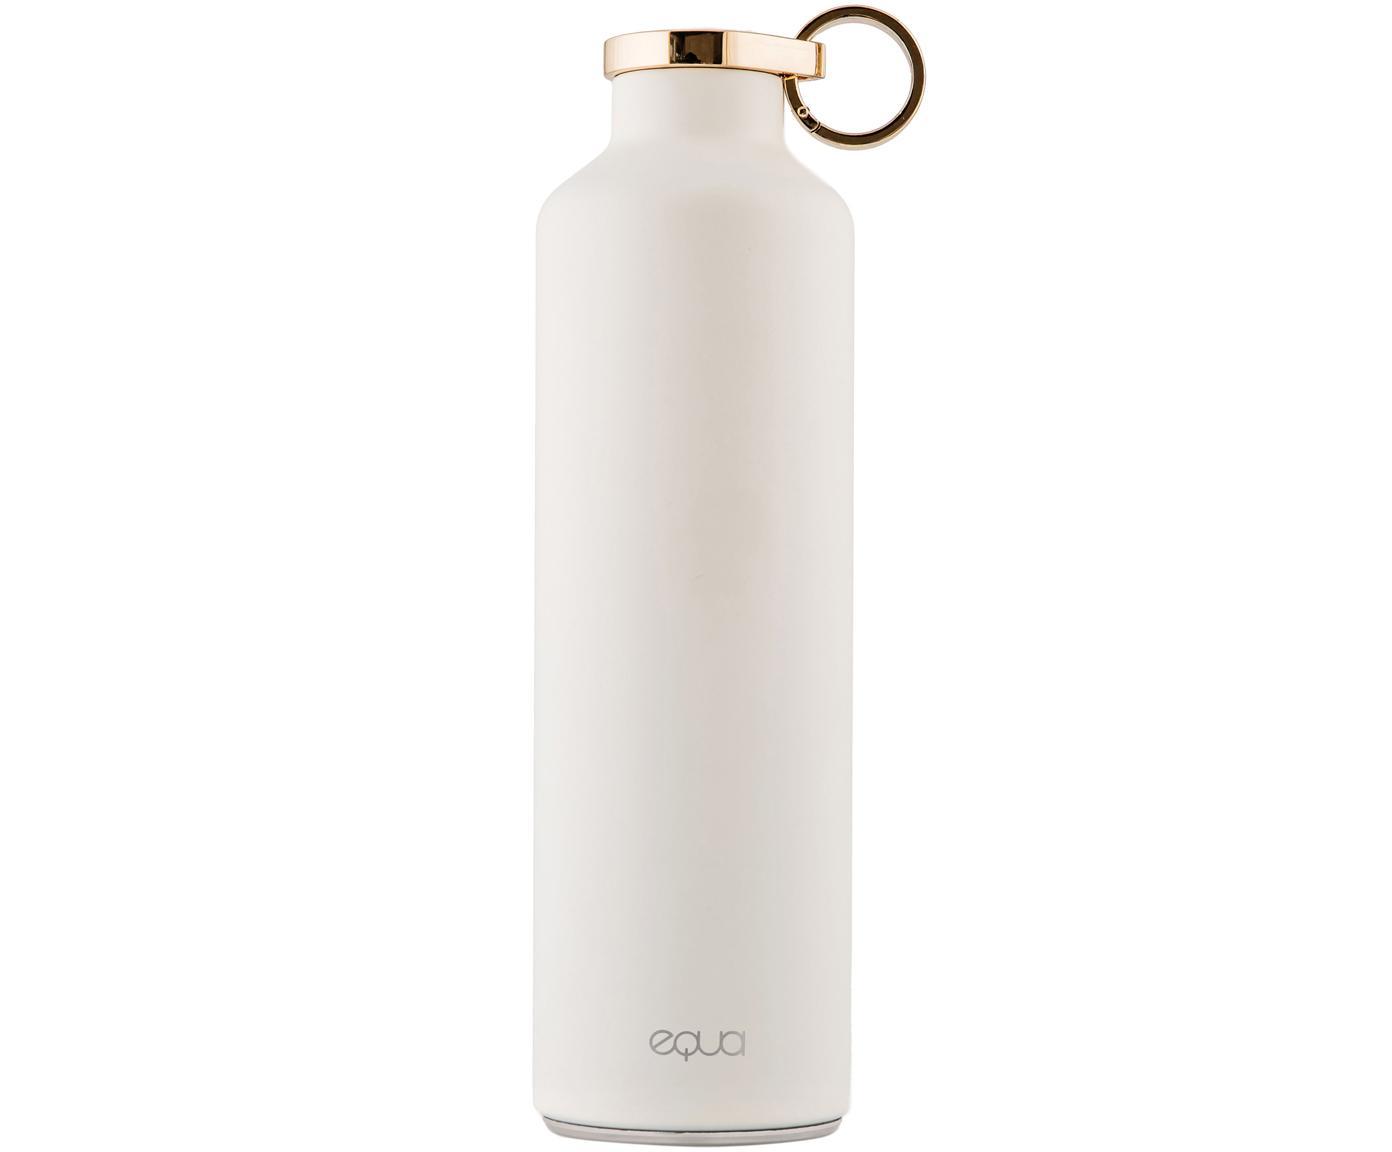 Borraccia termica Basic, Acciaio inossidabile, rivestito, Bianco, dorato, Ø 8 x Alt. 26 cm